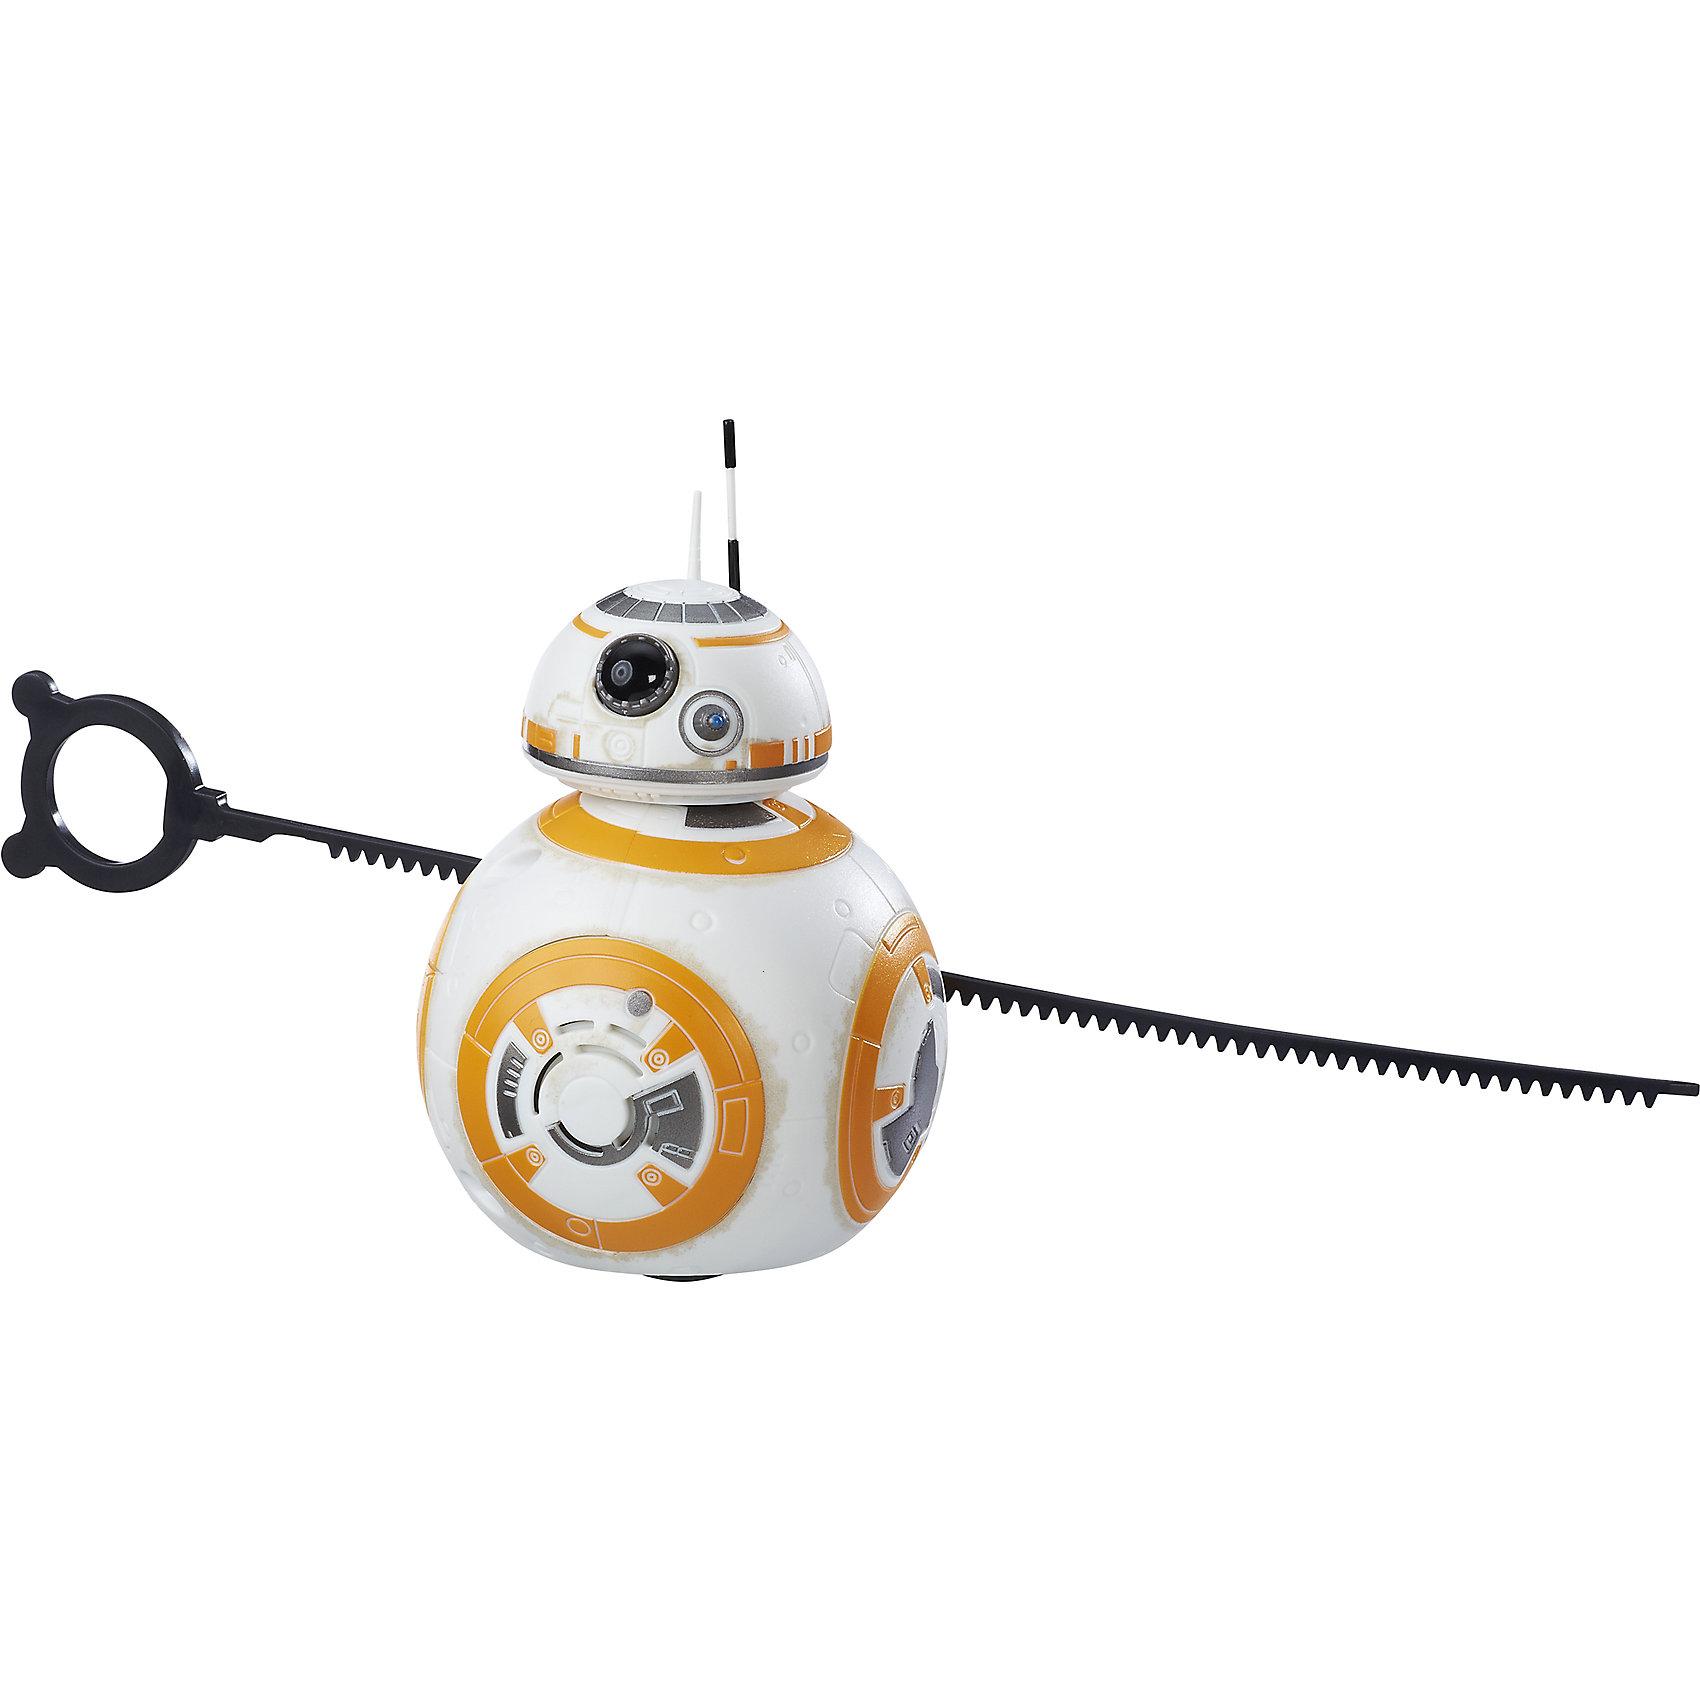 Мобильный дроид Звездных ВойнФигурки героев<br>Характеристики Звездные Войны мобильного дроида:<br><br>- рекомендуемый возраст: 6-8 лет, 9-12 лет, более 12 лет<br>- пол: для мальчиков<br>- бренд : star wars (hasbro)<br>- размер упаковки: 0.150 * 0.009 * 0.150 см.<br><br>Star Wars Мобильный дроид – очень классная игрушка, созданная по мотивам 7-ого эпизода фильма Звездные войны! Она представляет одного из персонажей киноленты - робота-дроида BB-8. Он выполнен очень реалистично, тщательно проработан и выглядит в точности также,  как в фильме. Кроме того, дроид функционален: он оснащен звуковыми эффектами, а также его можно приводить в движение при помощи вытяжного троса, который прилагается в комплекте.<br><br>Игрушка выполнена из высококачественных материалов, прочных и долговечных, выглядит очень ярко и эффектно. Такой дроид станет отличным подарком не только для ребенка, но и взрослого поклонника вселенной Star Wars. Дроид работает от 2 батареек типа ААА (не входят в комплект, приобретаются отдельно).<br><br>Звездные Войны Мобильный дроид можно купить в нашем интернет-магазине.<br><br>Ширина мм: 89<br>Глубина мм: 140<br>Высота мм: 191<br>Вес г: 376<br>Возраст от месяцев: 48<br>Возраст до месяцев: 144<br>Пол: Мужской<br>Возраст: Детский<br>SKU: 5245122